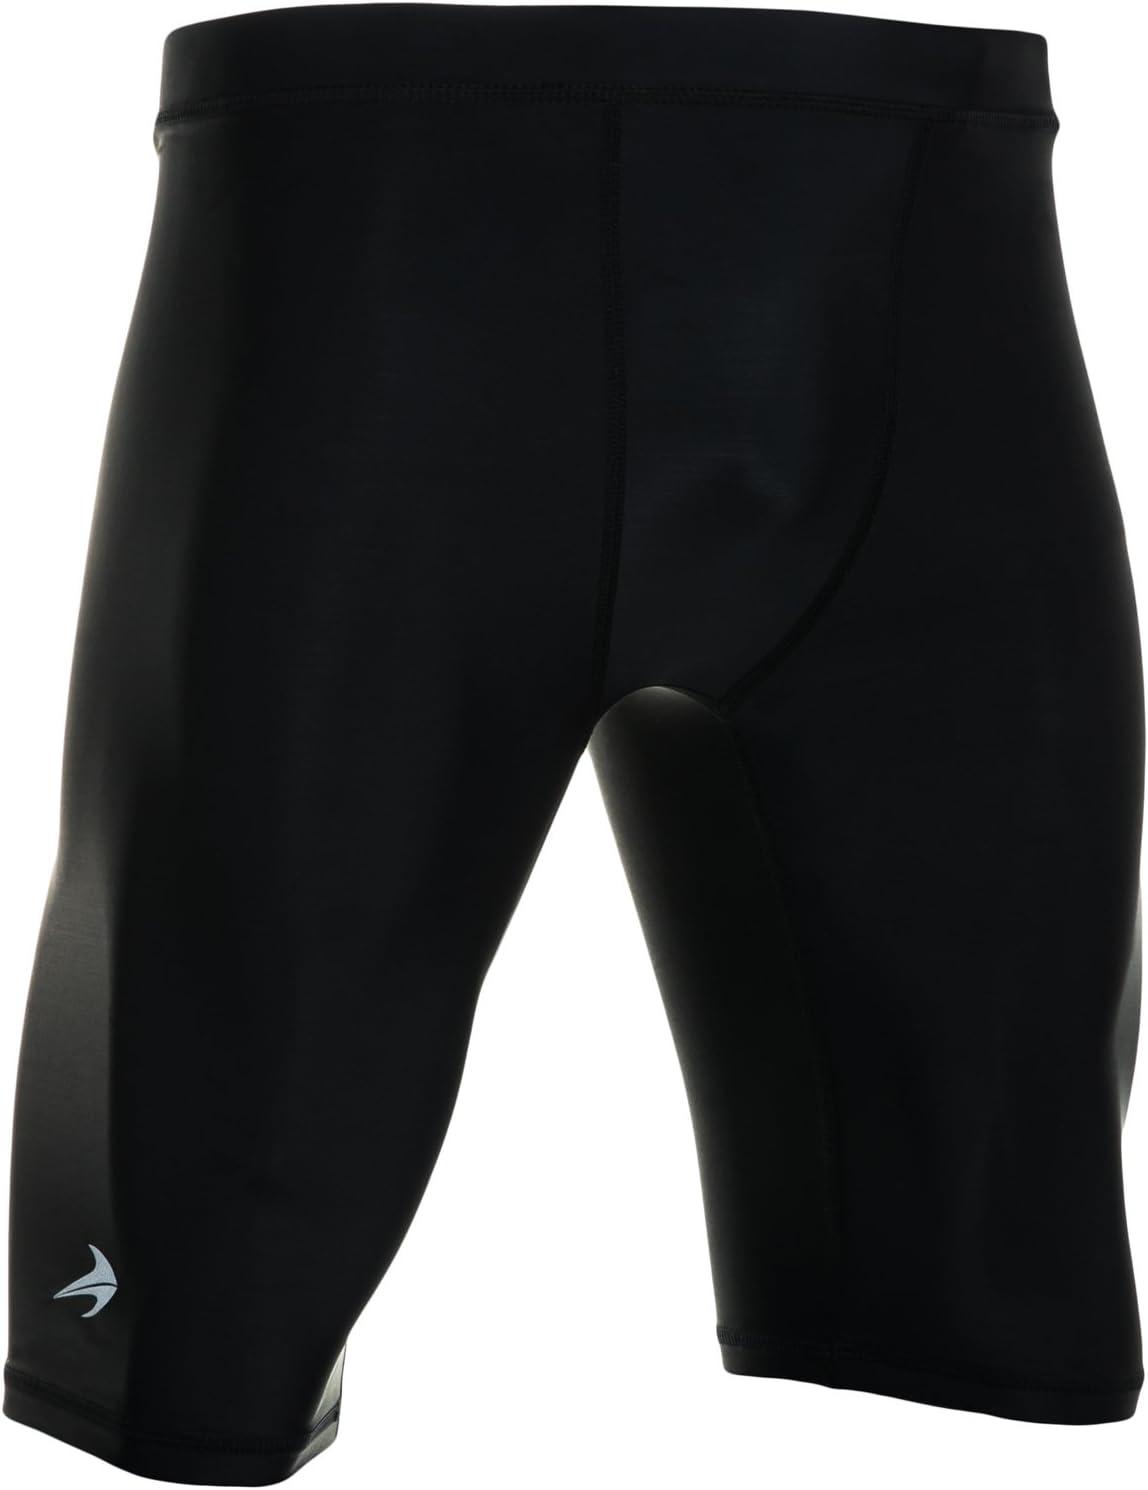 Short Compression CompressionZ - Pour homme Sous-pull Boxer Slips - Meilleur pour Athlétisme, Cyclisme, Basketball